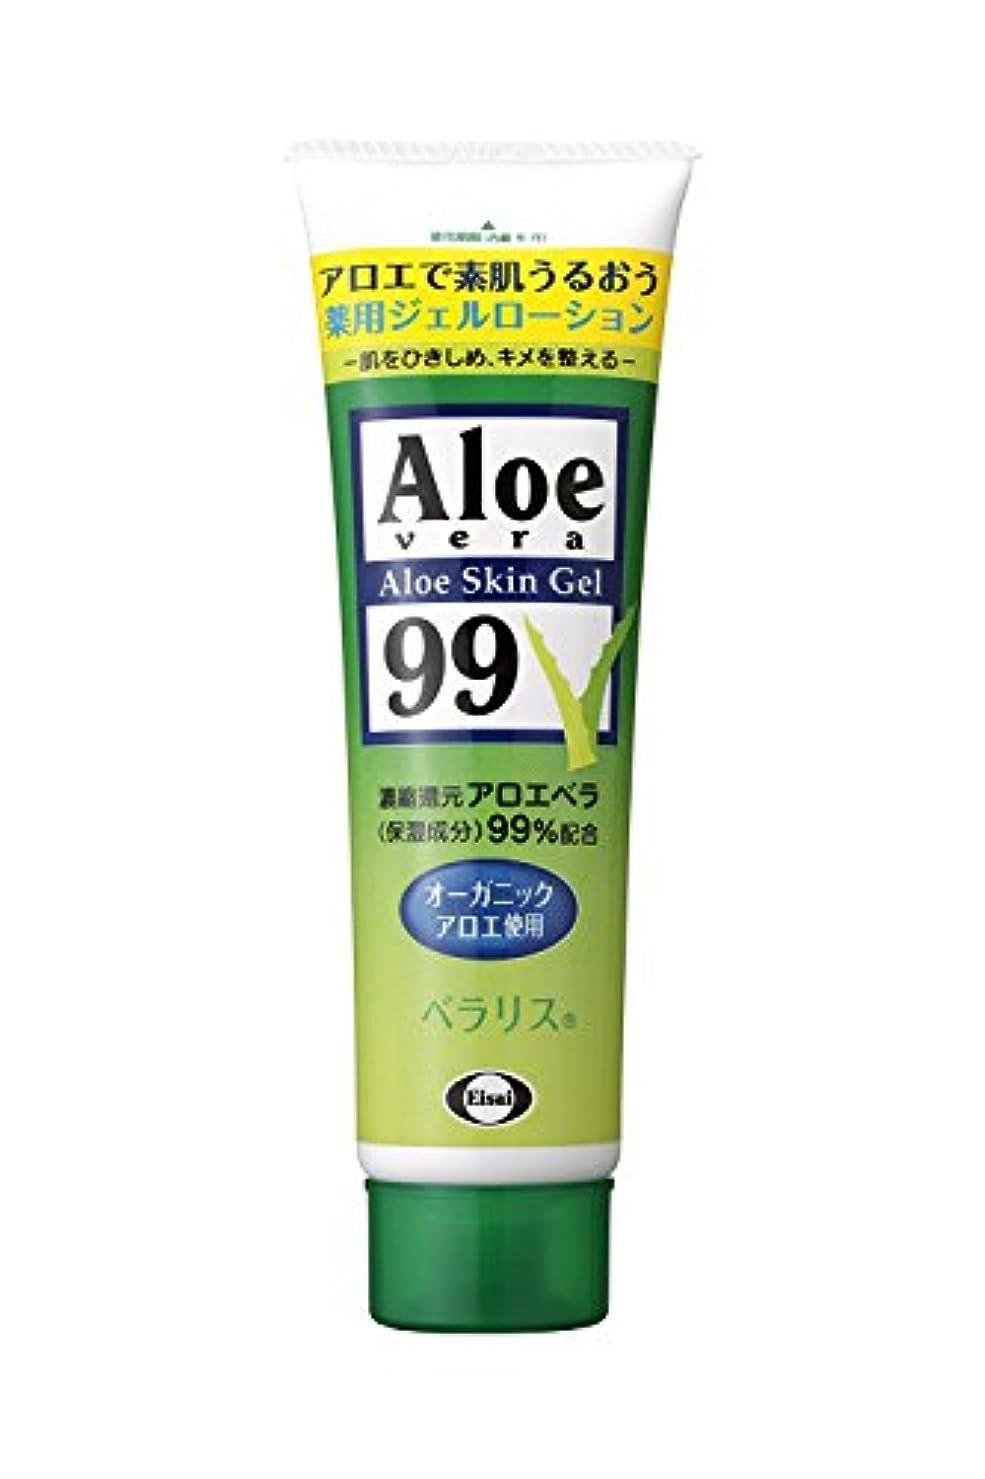 エンジン床を掃除する憂慮すべき【エーザイ】薬用ベラリス 128g☆☆ ×10個セット